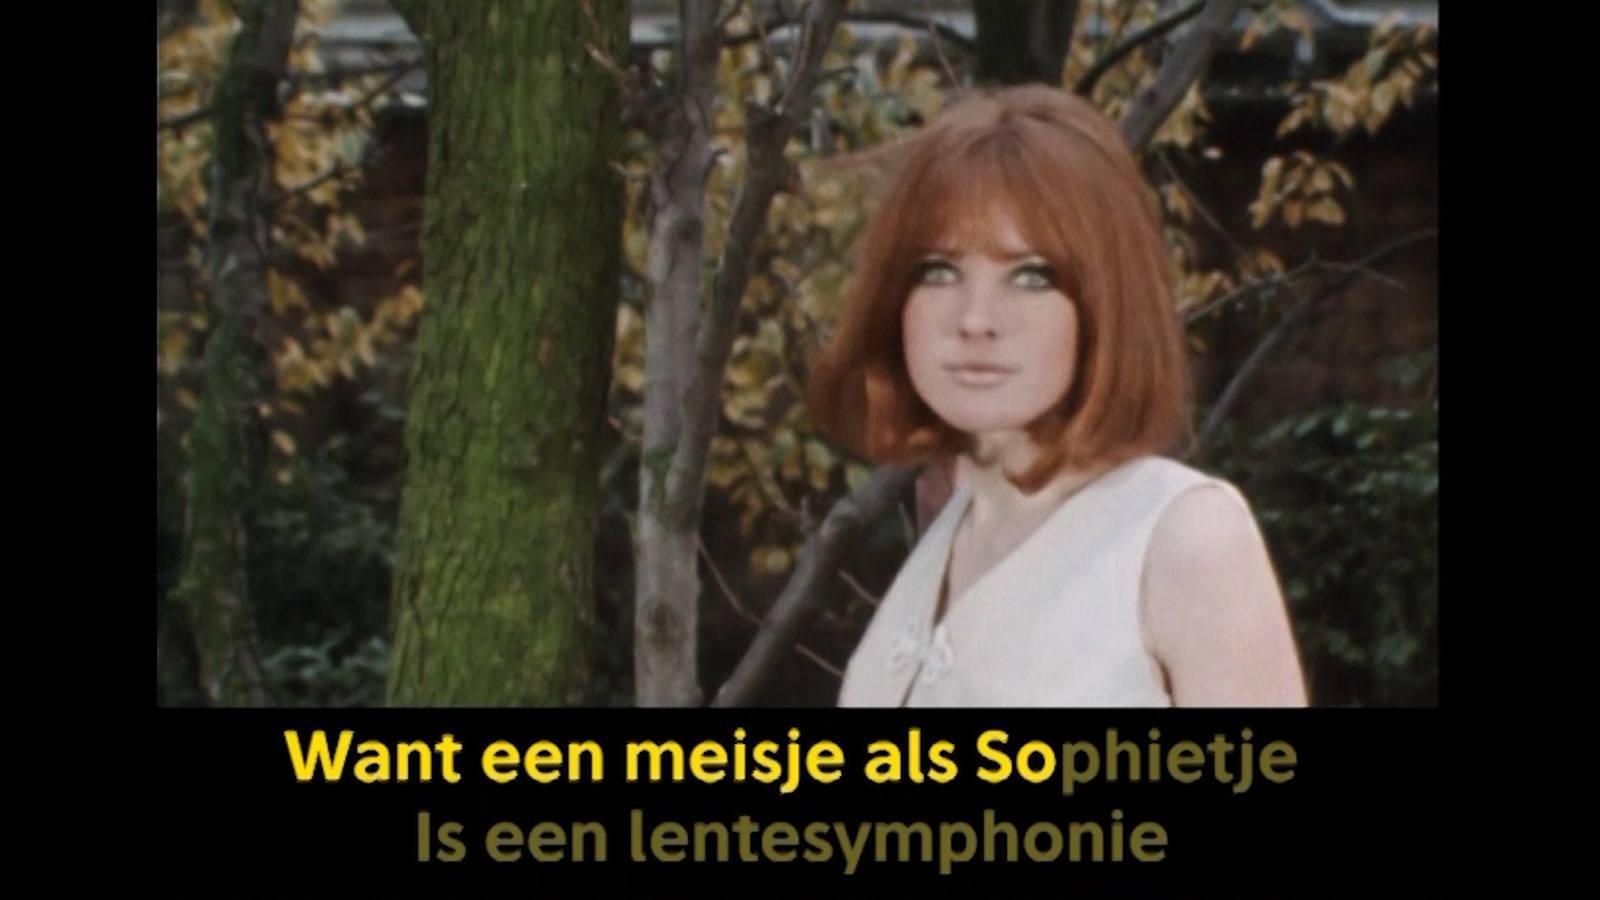 Nieuw (en handig voor de medewerker): Meezingliedjes, nu met ondertiteling!